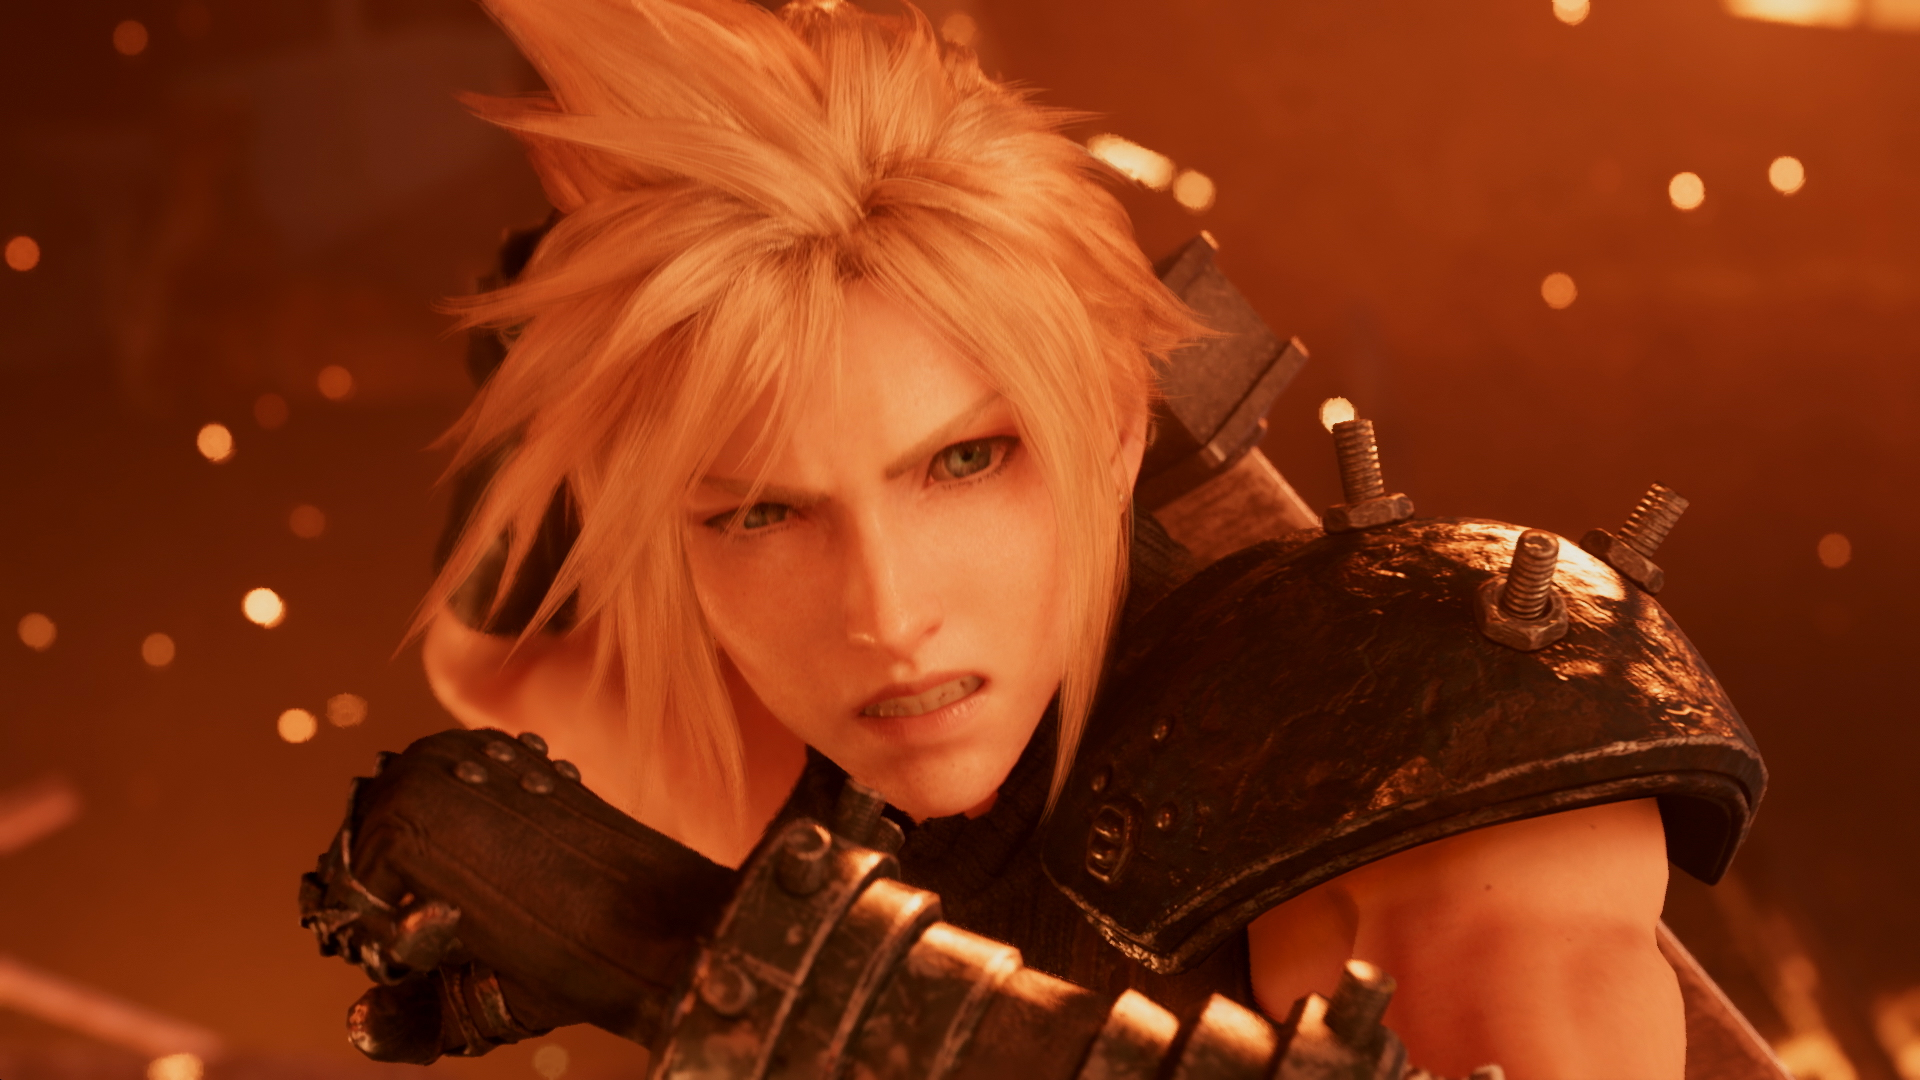 Square Enix regista três títulos baseados em Final Fantasy VII